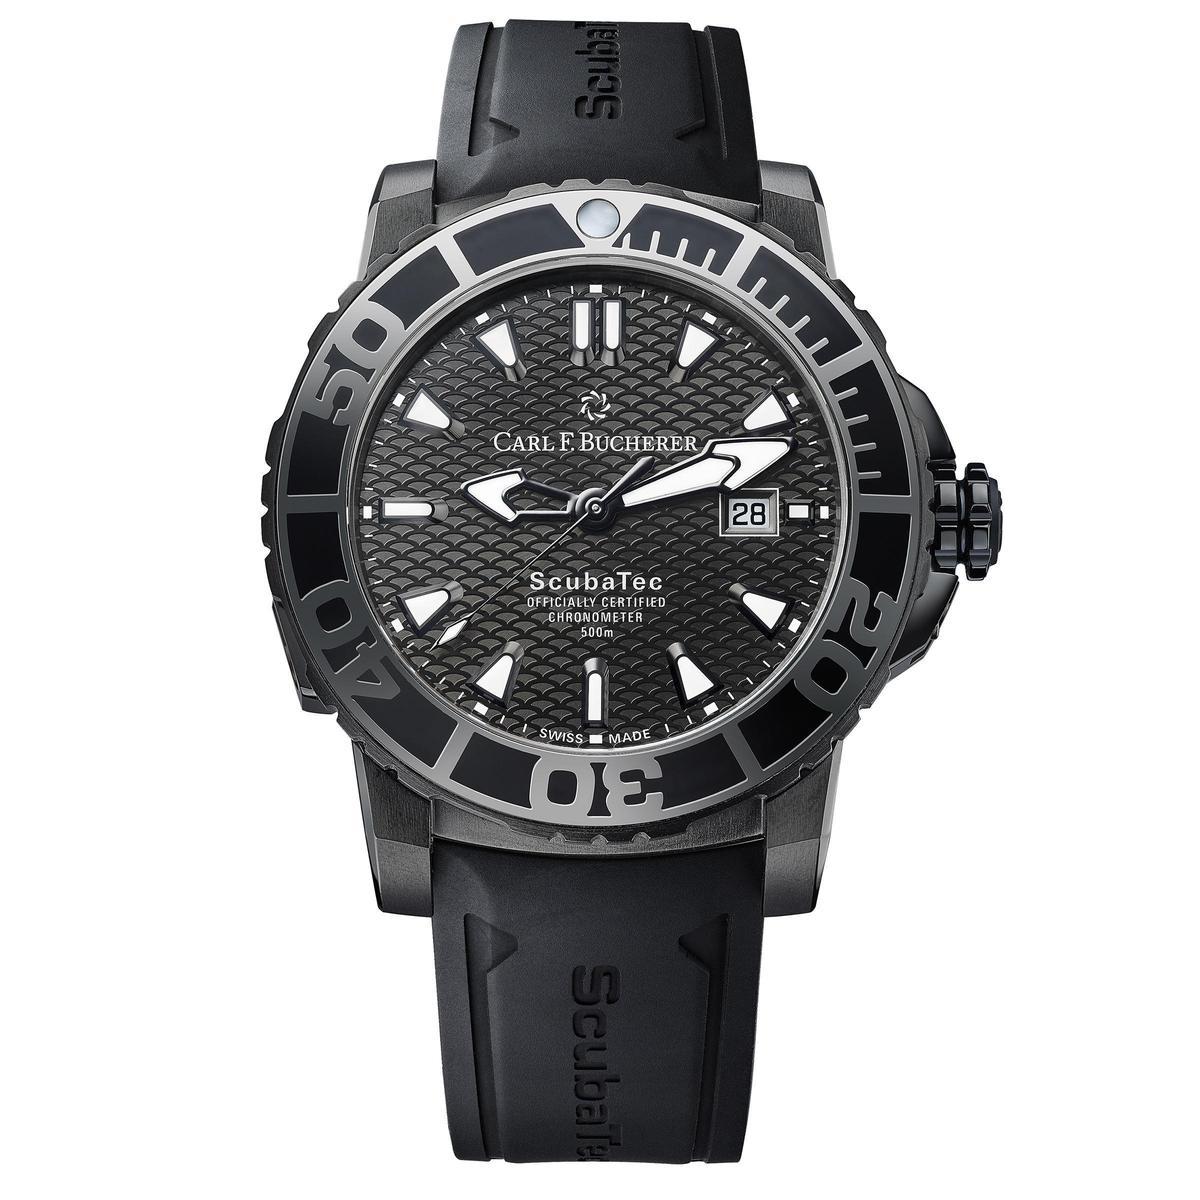 柏拉維深潛腕錶碳黑版,大氣的線條與造型以DLC碳黑色鈦金屬錶殼重新詮釋,看起來更加陽剛。